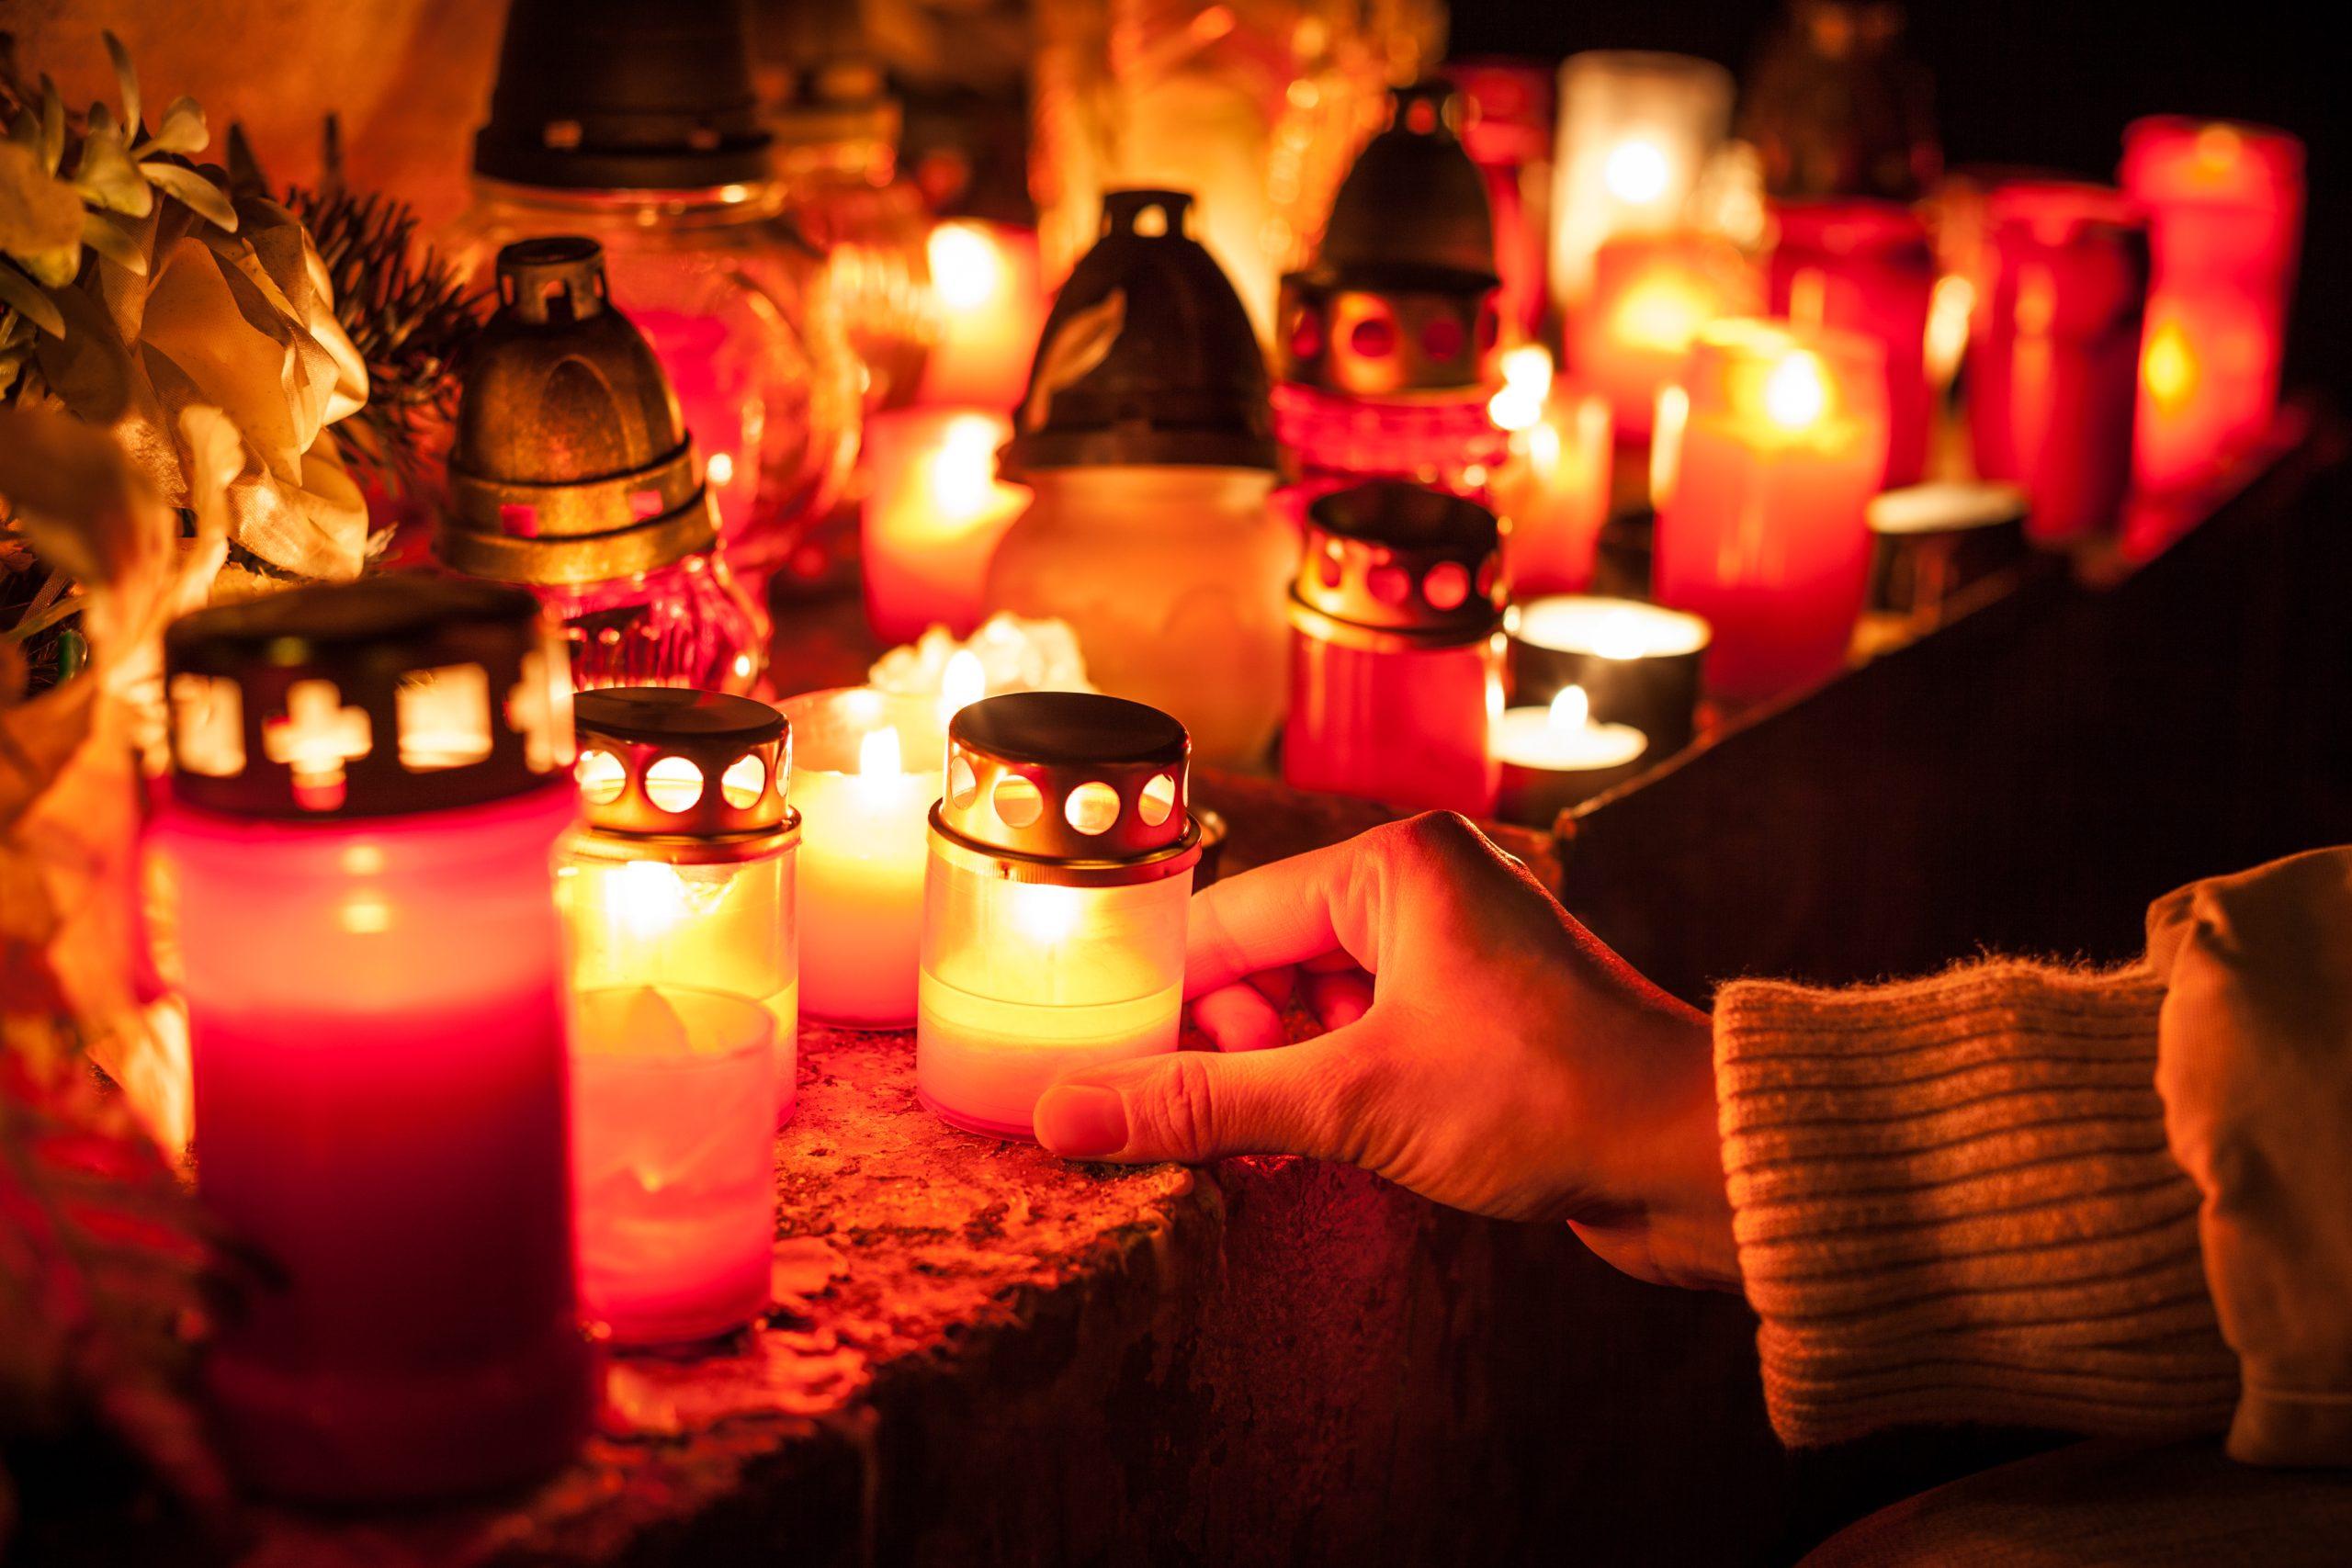 Besøk de kjære avdøde på Allehelgensdagen